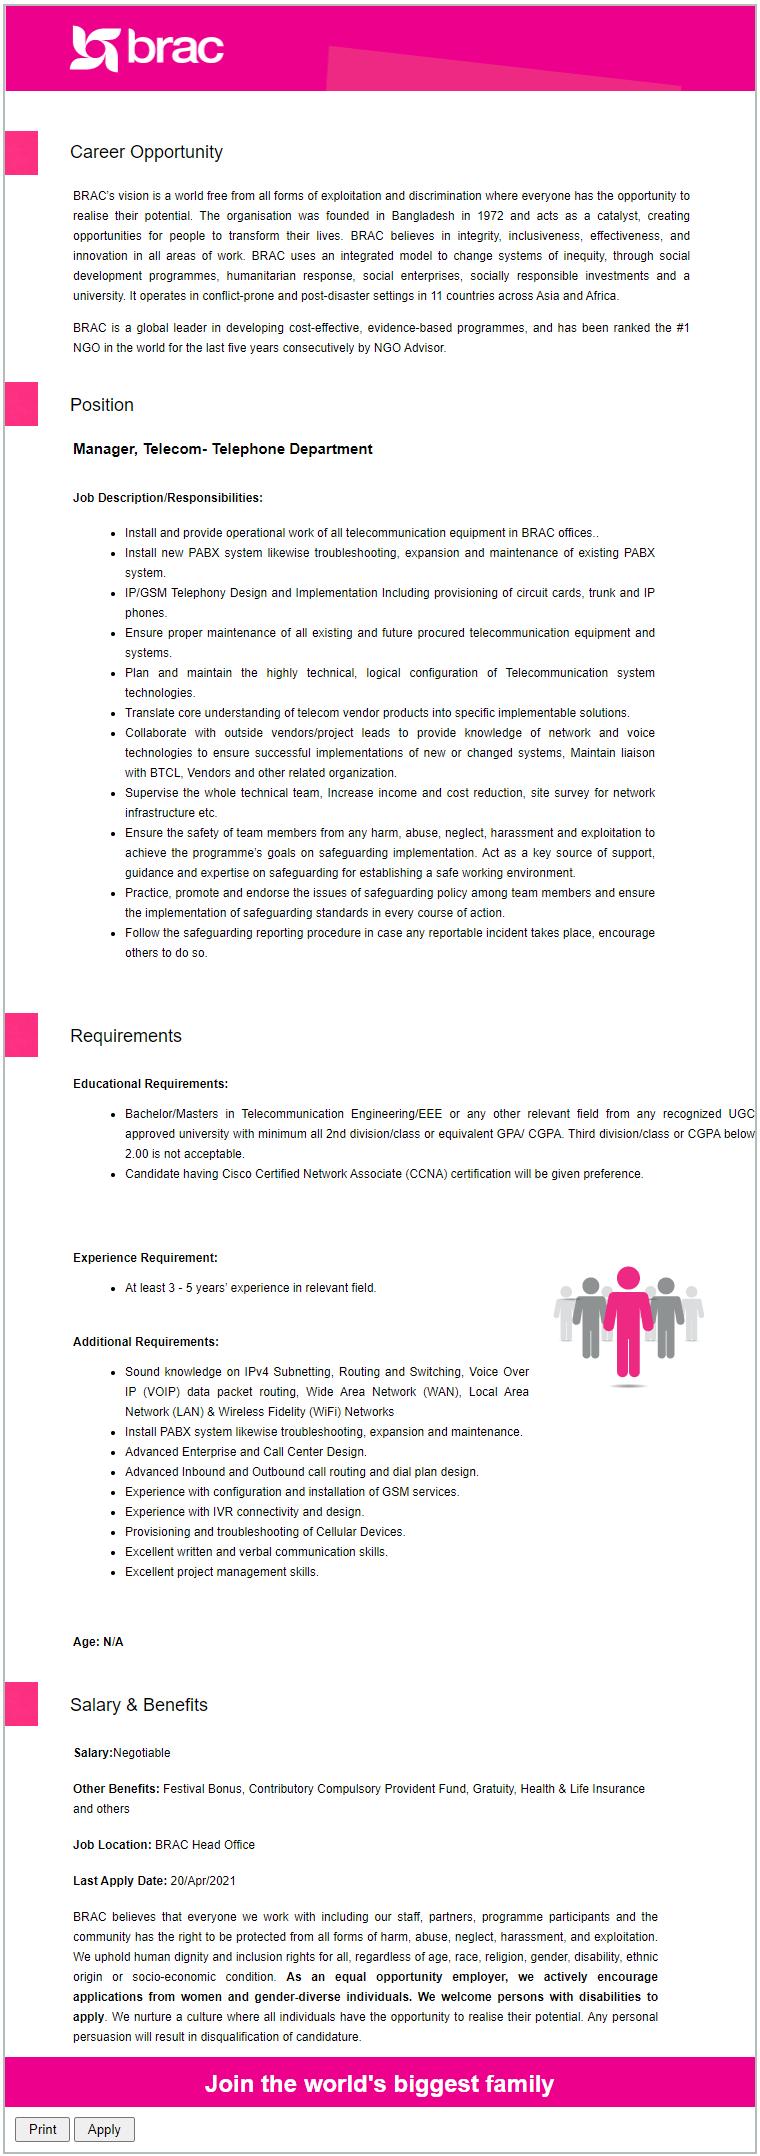 BRAC NGO Job Circular 2021